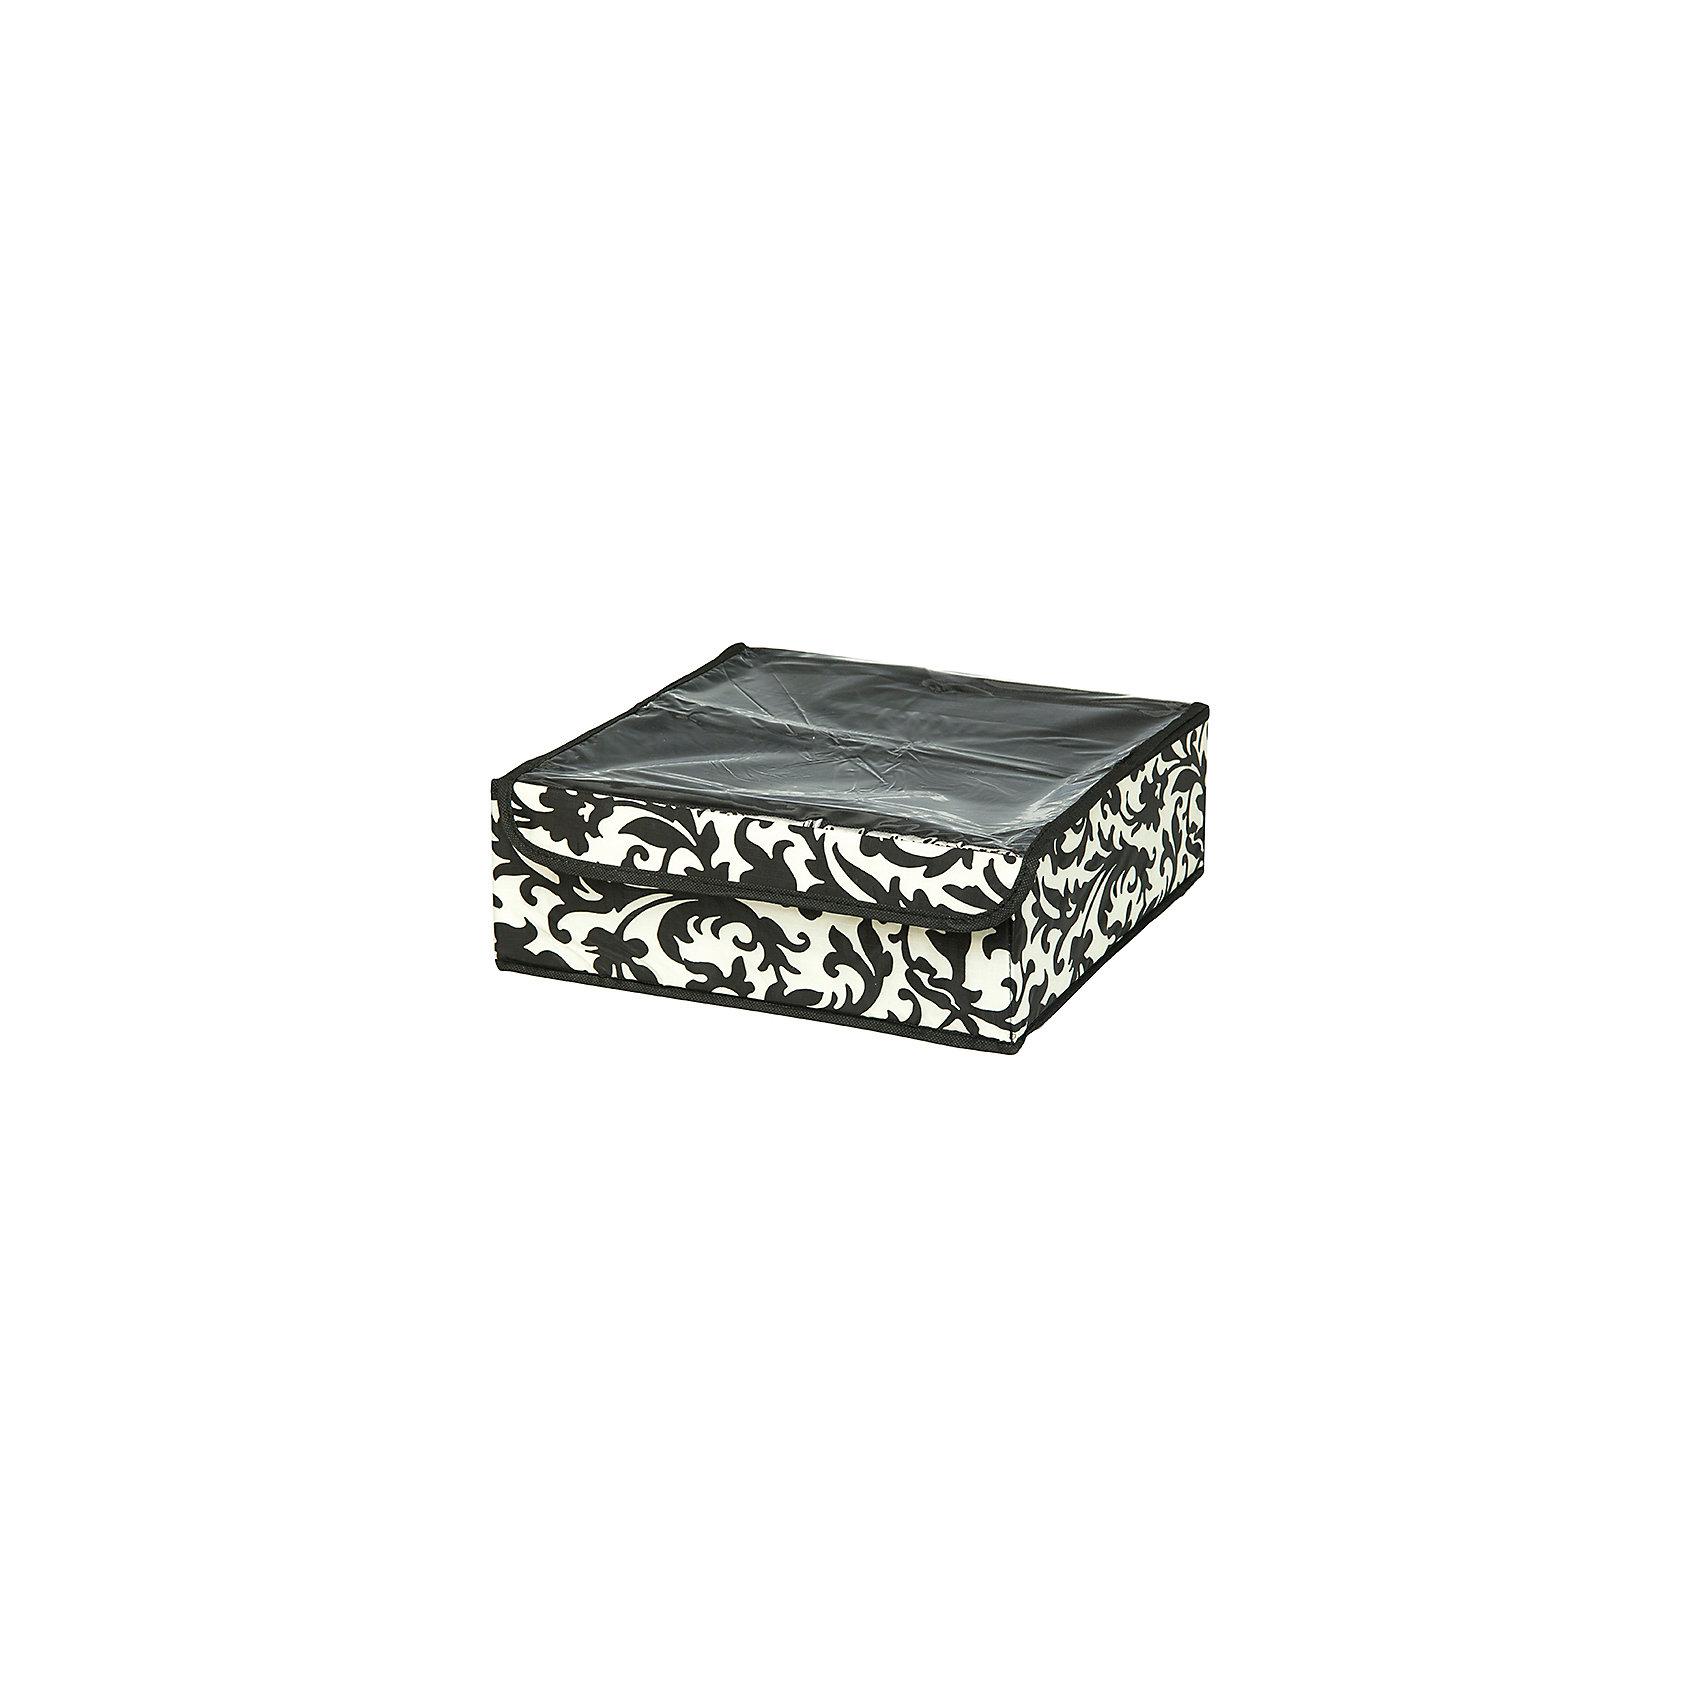 Кофр для нижнего белья и носков 32*32*12 см. Узор на серебре, 12 секций, EL CasaПорядок в детской<br>Характеристики товара:<br><br>• цвет: мульти<br>• материал: текстиль (полиэстер 100%)<br>• размер: 32 х 32 х 12 см<br>• вес: 300 г<br>• декорирован принтом<br>• прозрачная крышка<br>• защита от пыли<br>• естественная вентиляция<br>• 12 отделений<br>• удобный<br>• универсальный размер<br>• страна бренда: Российская Федерация<br>• страна производства: Китай<br><br>Такой кофр - отличный пример удобной и функциональной вещи для любого интерьера. В нем удобной хранить различные мелочи, например, нижнее белье и носки.<br><br>Кофр с жёстким каркасом для хранения может стать отличным приобретением для дома или подарком для любителей красивых оригинальных вещей.<br><br>Бренд EL Casa - это красивые и практичные товары для дома с современным дизайном. Они добавляют в жильё уюта и комфорта! <br><br>Кофр для нижнего белья и носков 32*32*12 см. Узор на серебре, 12 секций, EL Casa можно купить в нашем интернет-магазине.<br><br>Ширина мм: 330<br>Глубина мм: 125<br>Высота мм: 15<br>Вес г: 302<br>Возраст от месяцев: 0<br>Возраст до месяцев: 1188<br>Пол: Унисекс<br>Возраст: Детский<br>SKU: 6668760